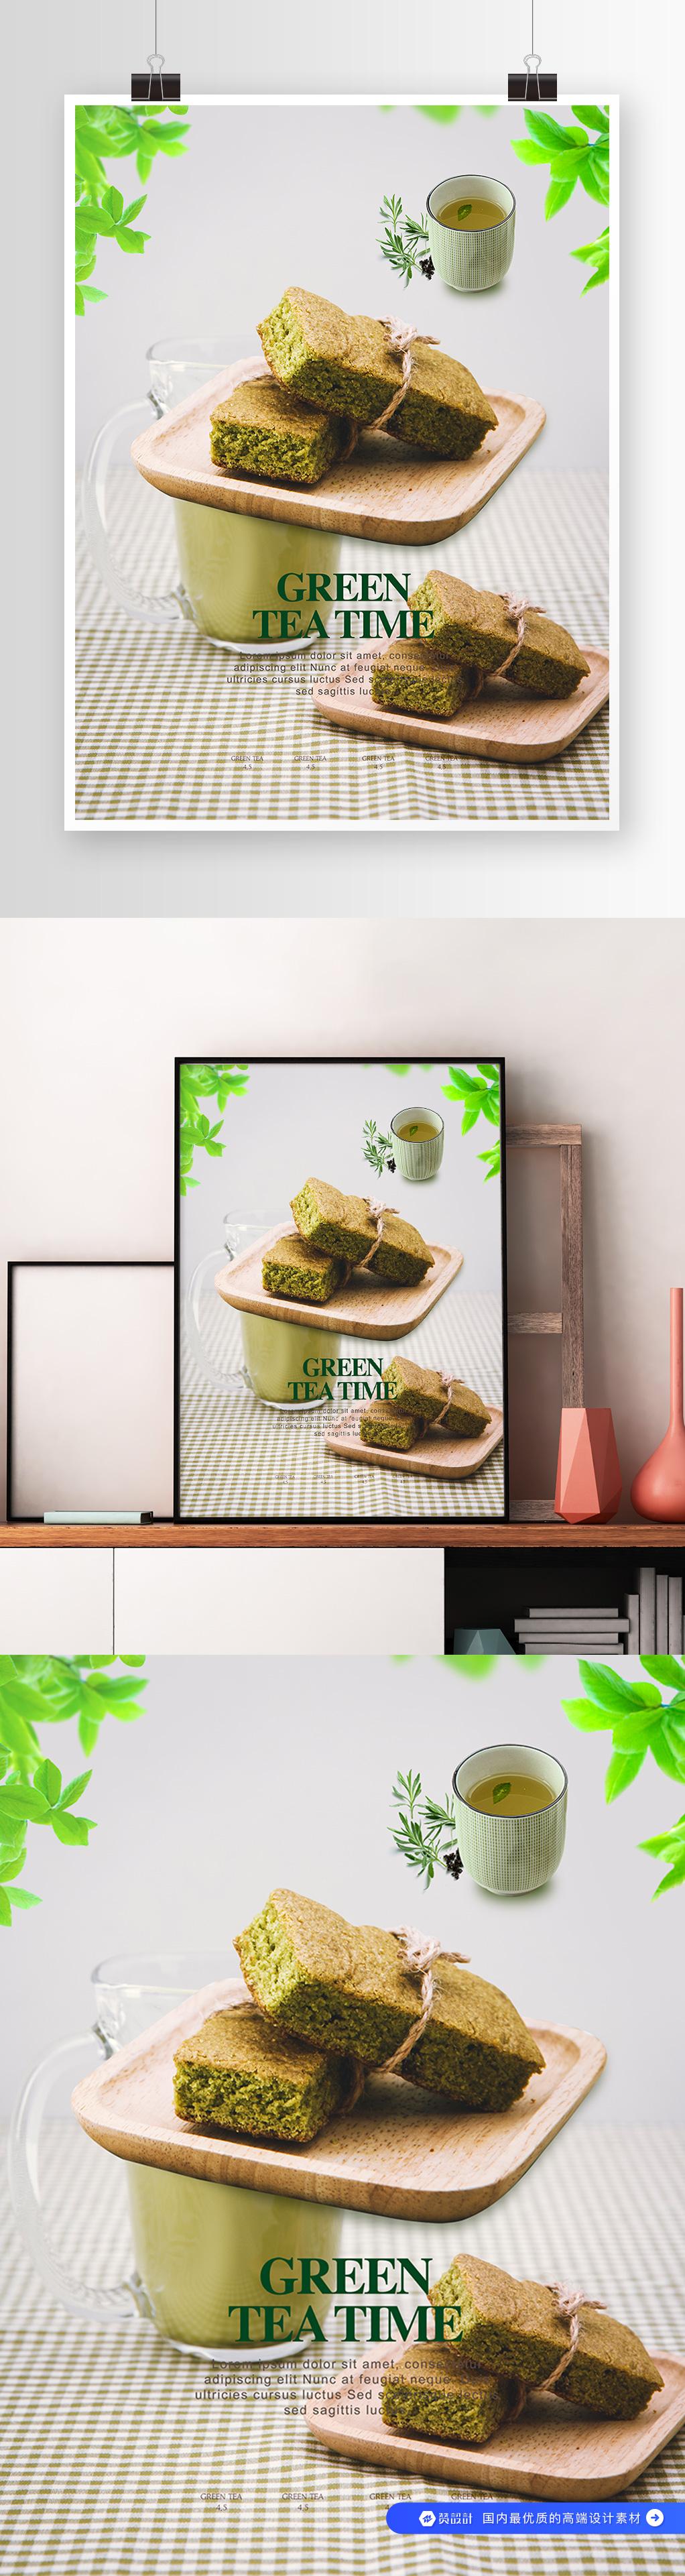 夏季冷饮绿茶甜品蛋糕奶茶店宣传海报设计素材 (3)